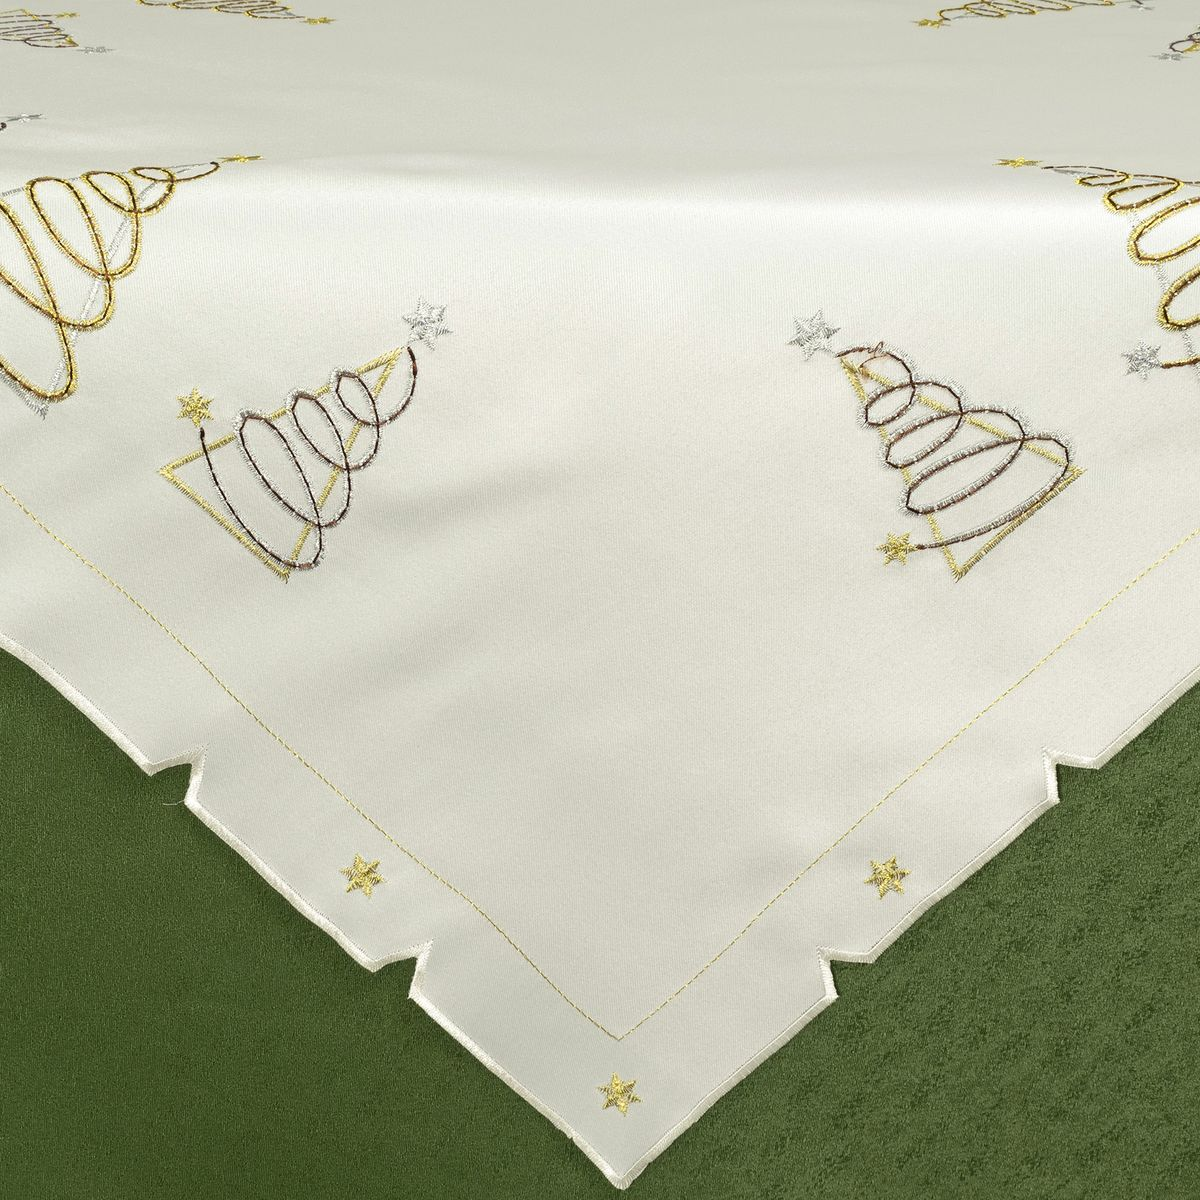 Скатерть Schaefer, квадратная, цвет: белый, 85 х 85 см. 07434-116-V2-B1501001186Стильная скатерть Schaefer, выполненная из полиэстера белого цвета, украшена вышивкой. Вышивка дает эффект объема за счет направления стежков при вышивании.Изделия из полиэстера легко стирать: они не мнутся, не садятся и быстро сохнут, они более долговечны, чем изделия из натуральных волокон.Немецкая компания Schaefer создана в 1921 году. На протяжении всего времени существования она создает уникальные коллекции домашнего текстиля для гостиных, спален, кухонь и ванных комнат. Дизайнерские идеи немецких художников компании Schaefer воплощаются в текстильных изделиях, которые сделают ваш дом красивее и уютнее и не останутся незамеченными вашими гостями. Дарите себе и близким красоту каждый день!